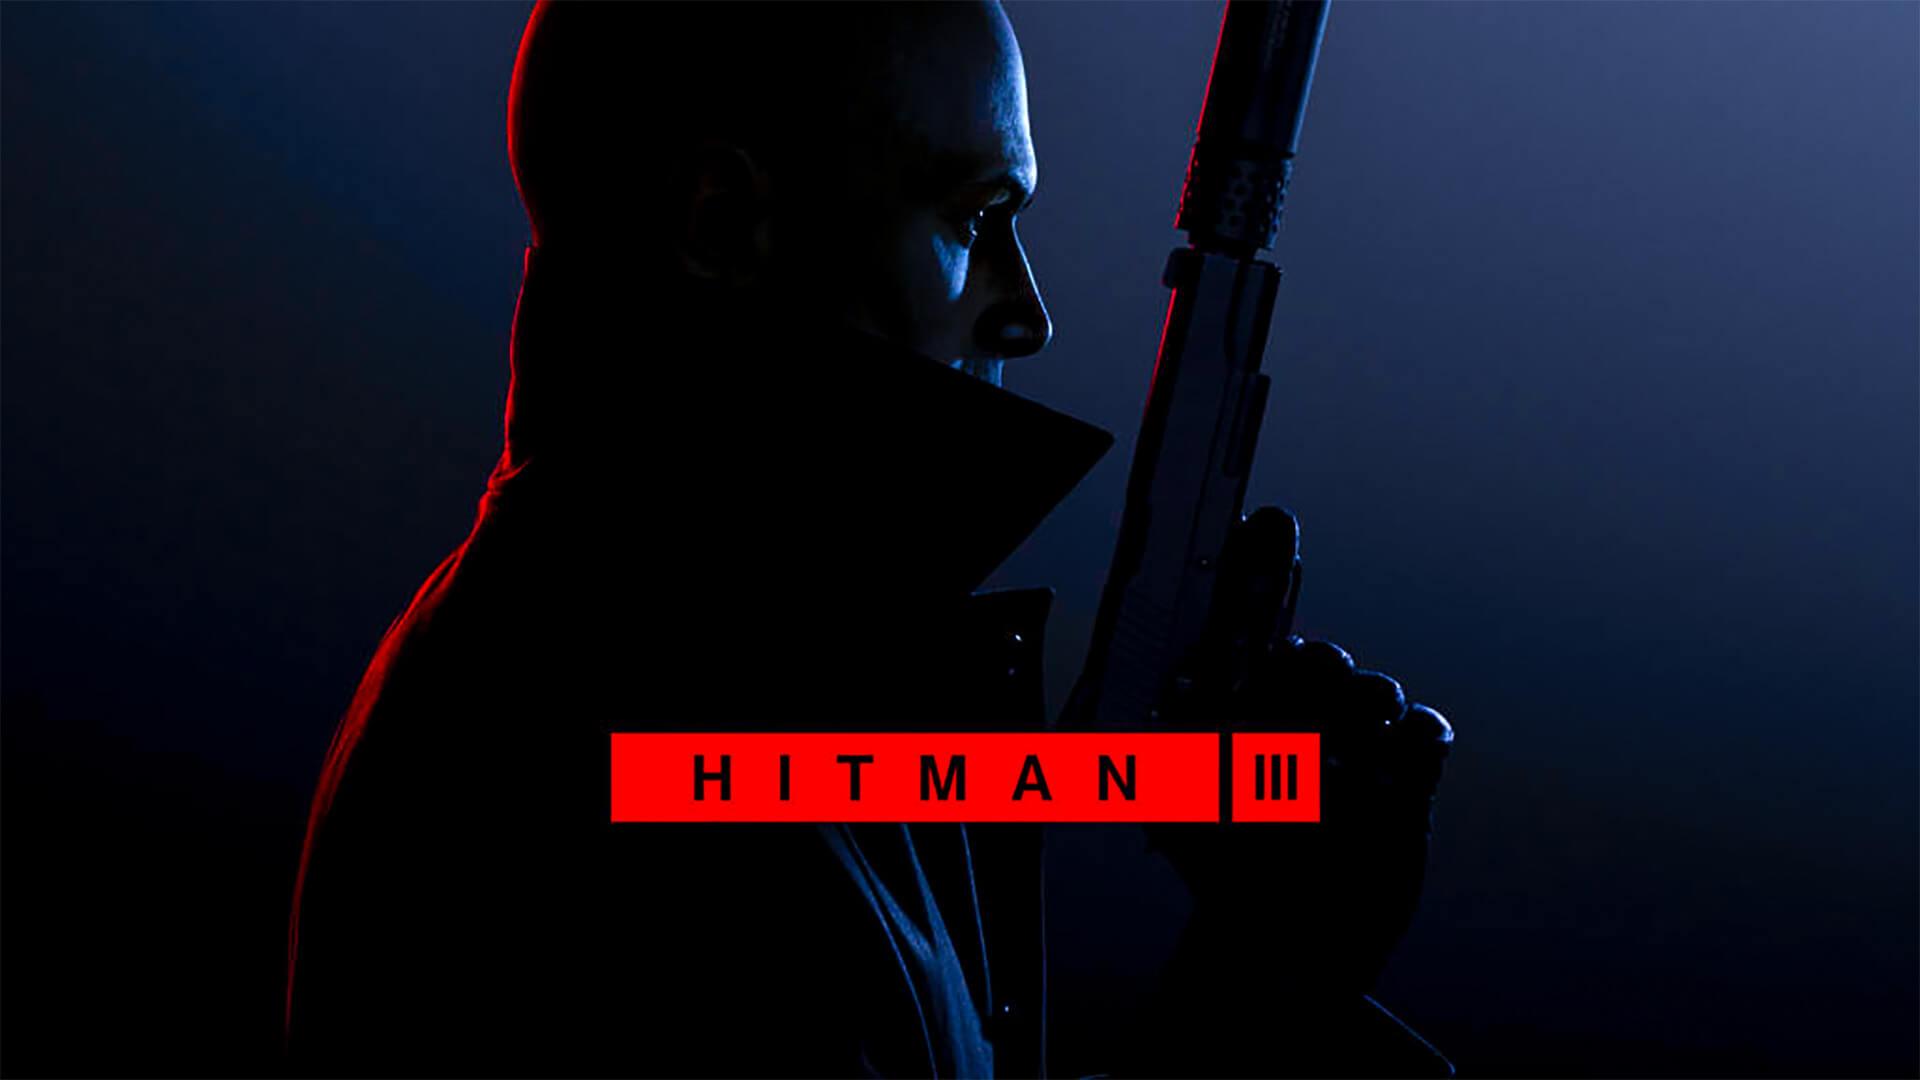 HITMAN 3 Title Screen